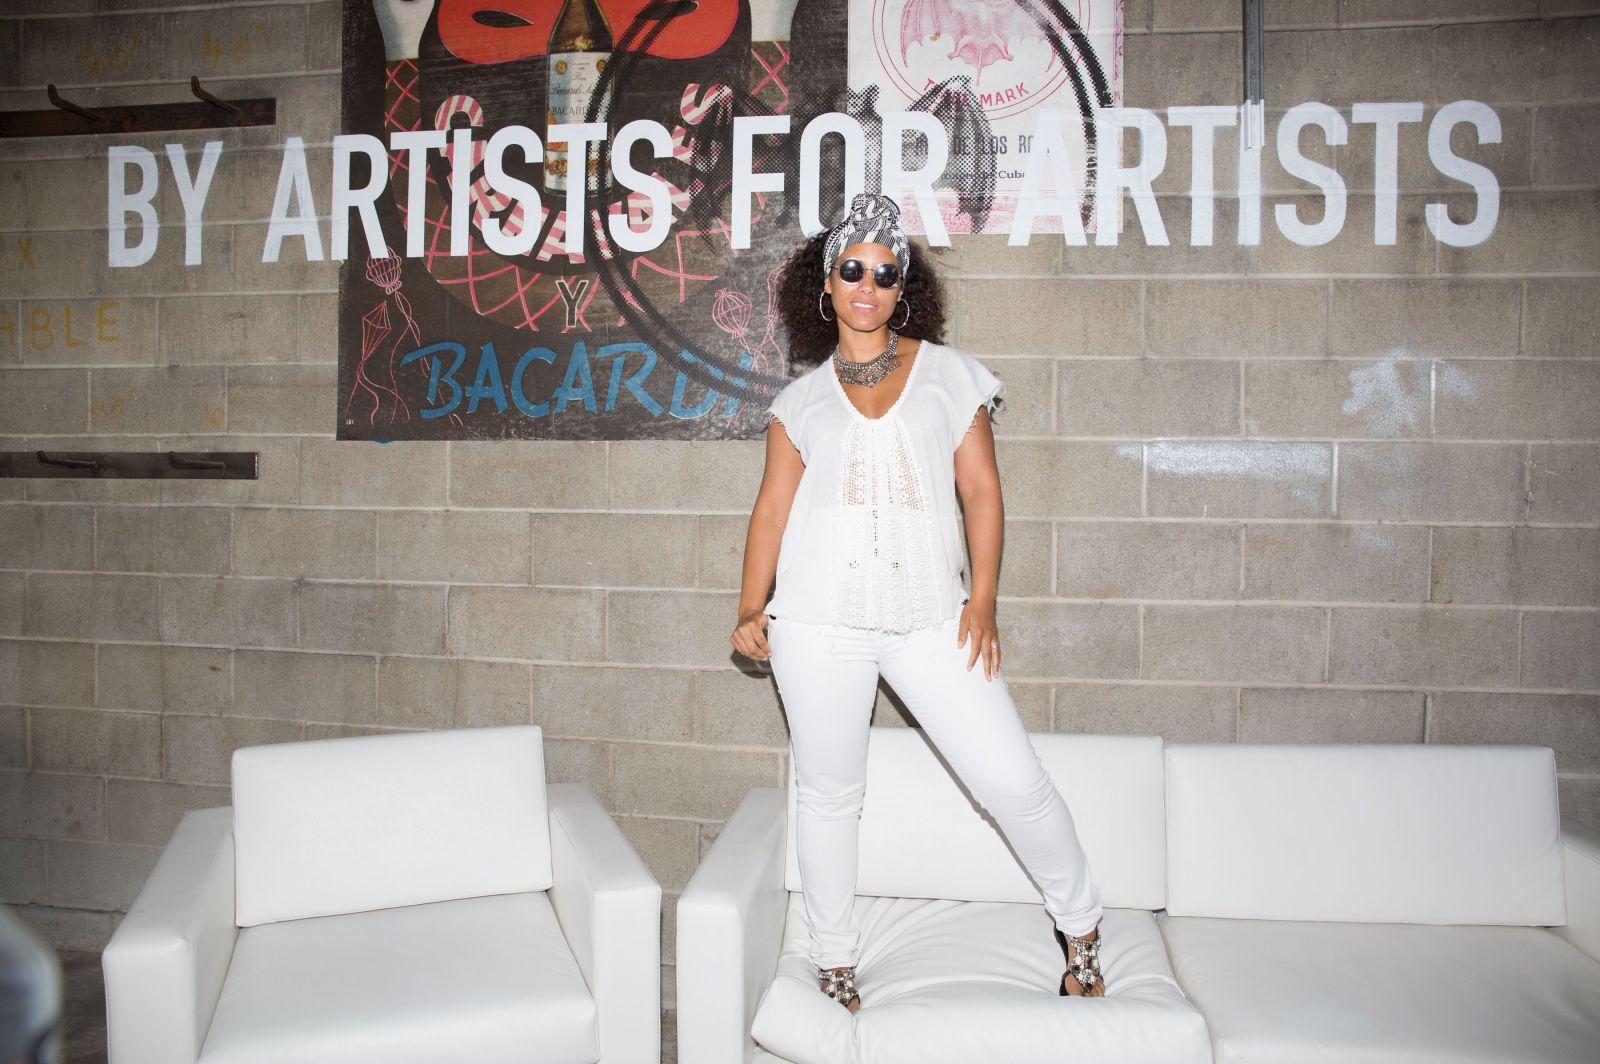 Образ дня: ненакрашенная Алиша Киз на выставке в Нью-Йорке